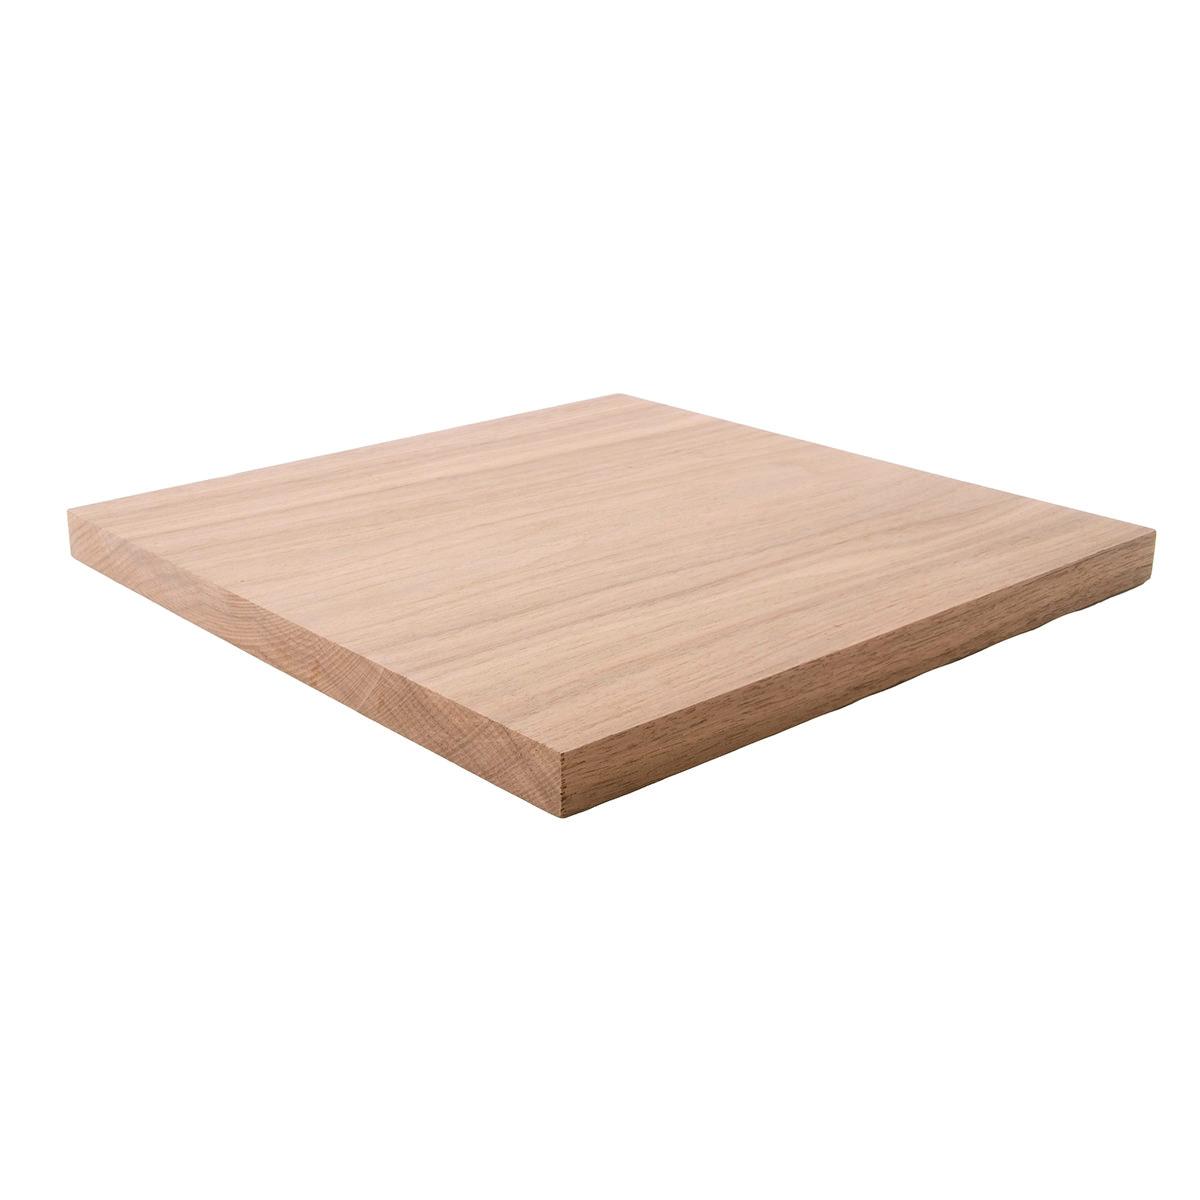 1 12 Select Pine